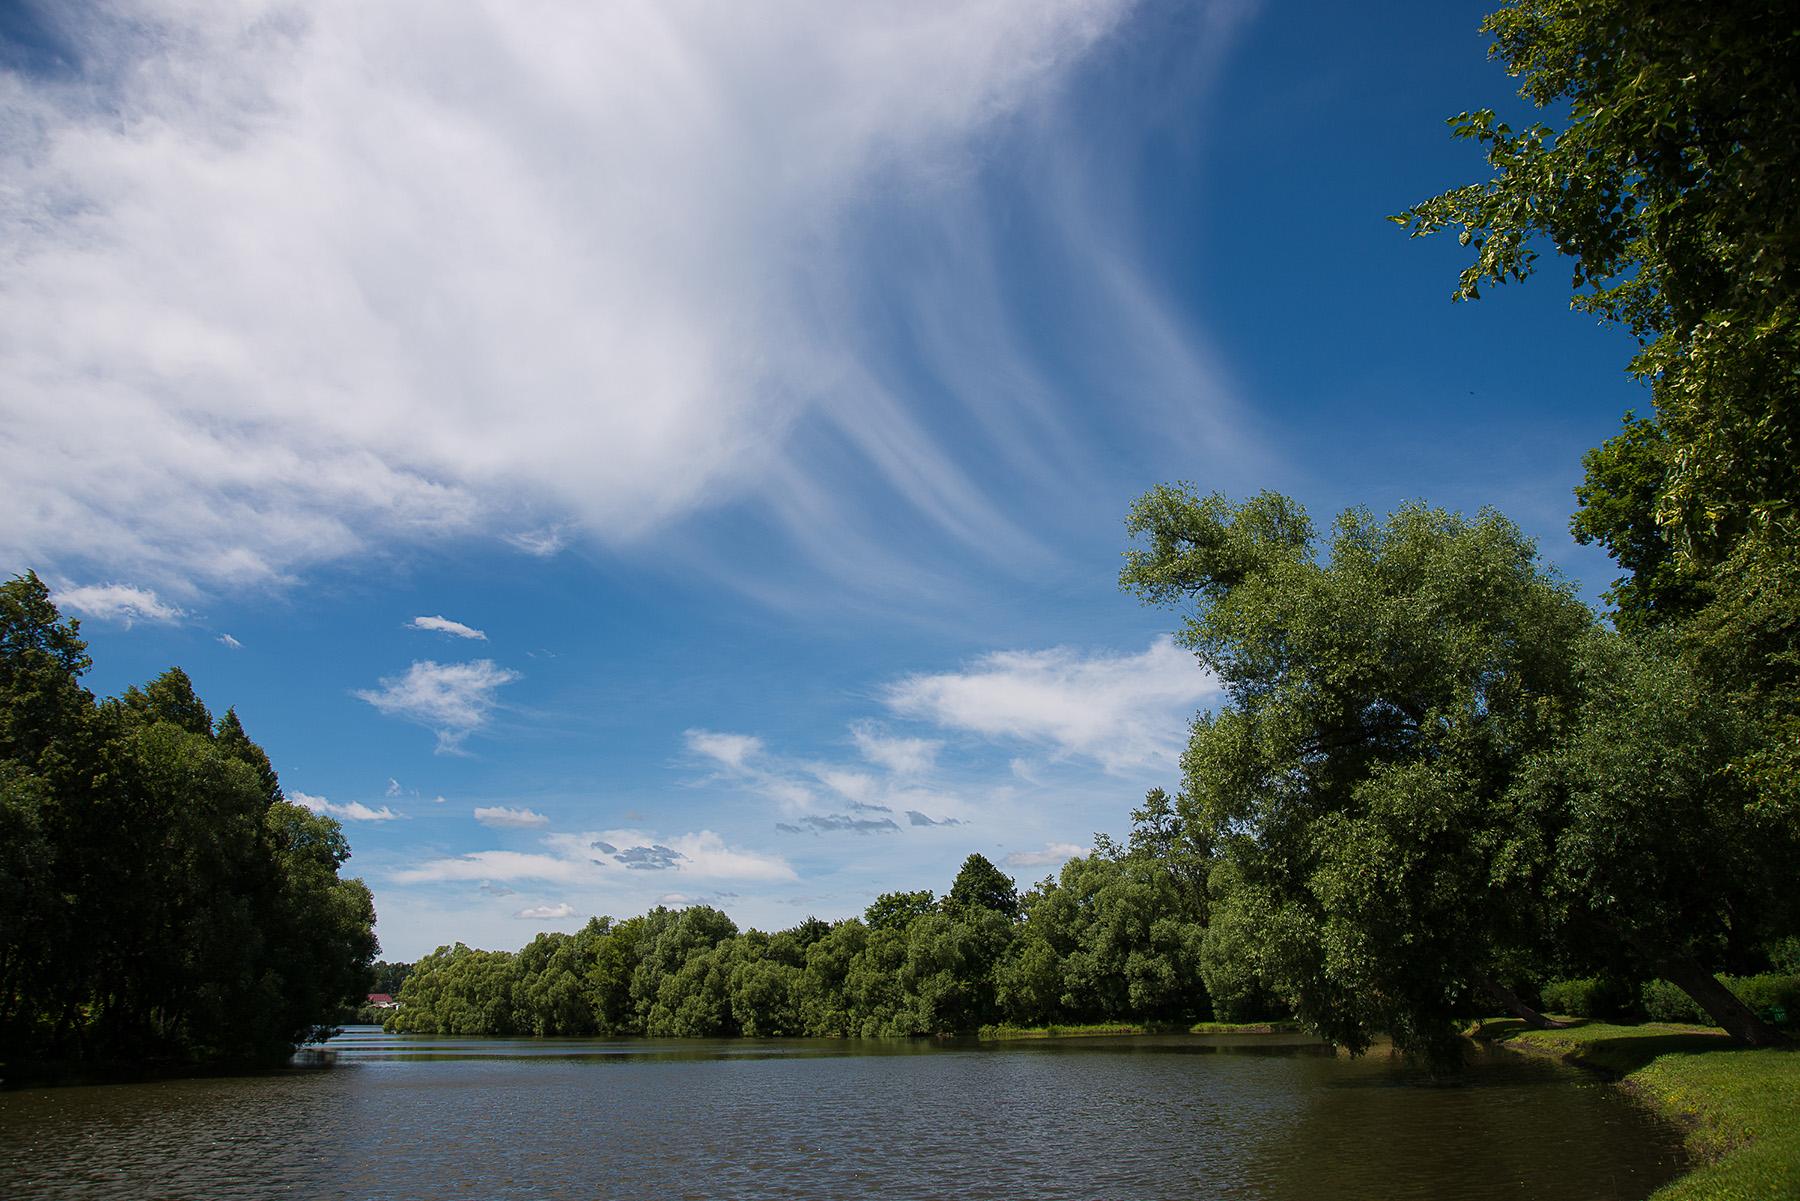 Тарханское небо. Фотозарисовки тарханских окрестностей А. Семенова. 25 июня 2020 года. Фото 7